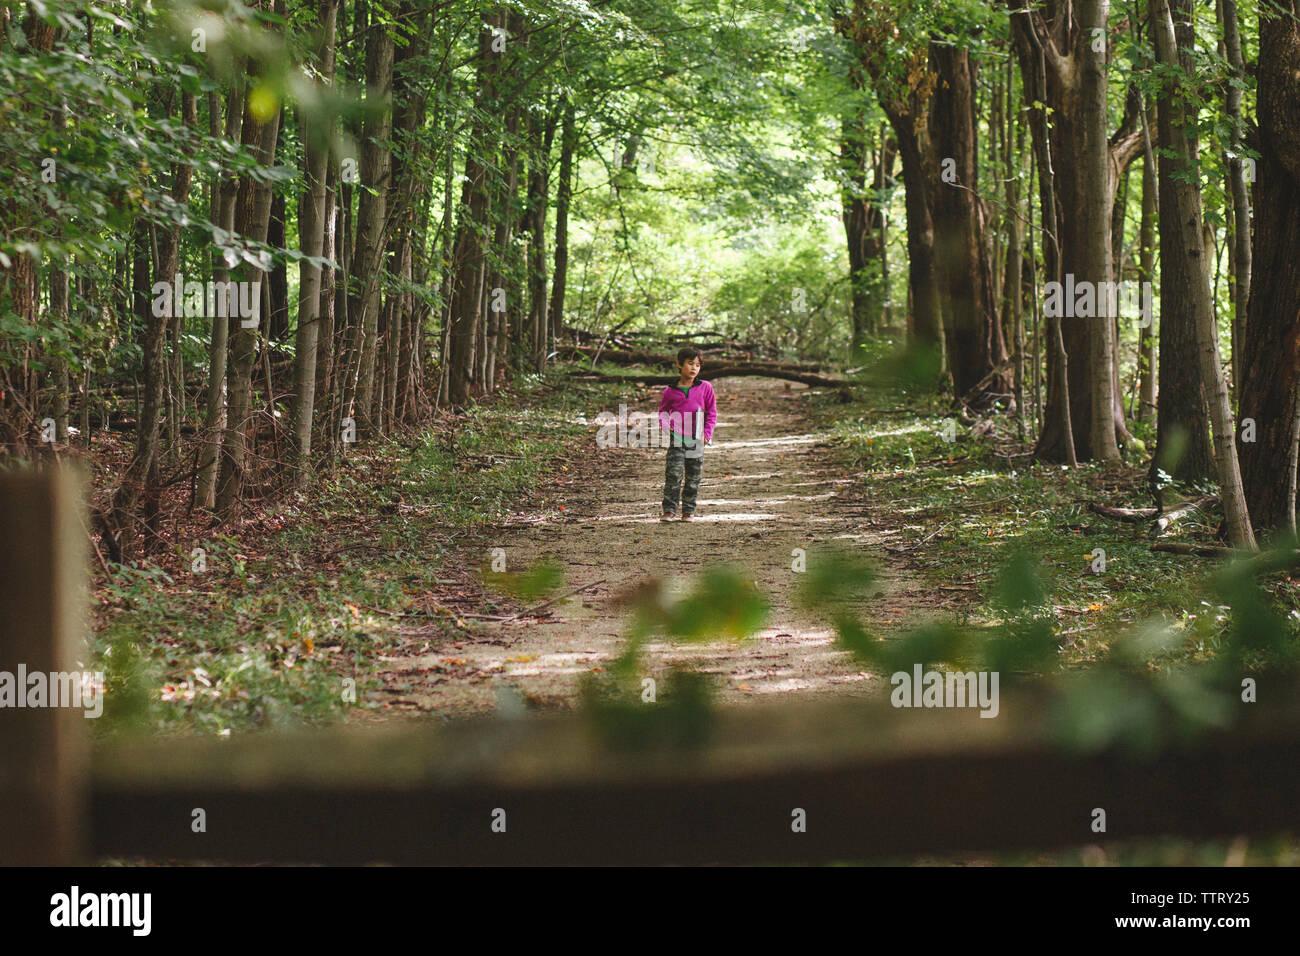 Volle Länge des Jungen mit Buch zu Fuß auf Gehweg inmitten von Bäumen im Wald Stockbild